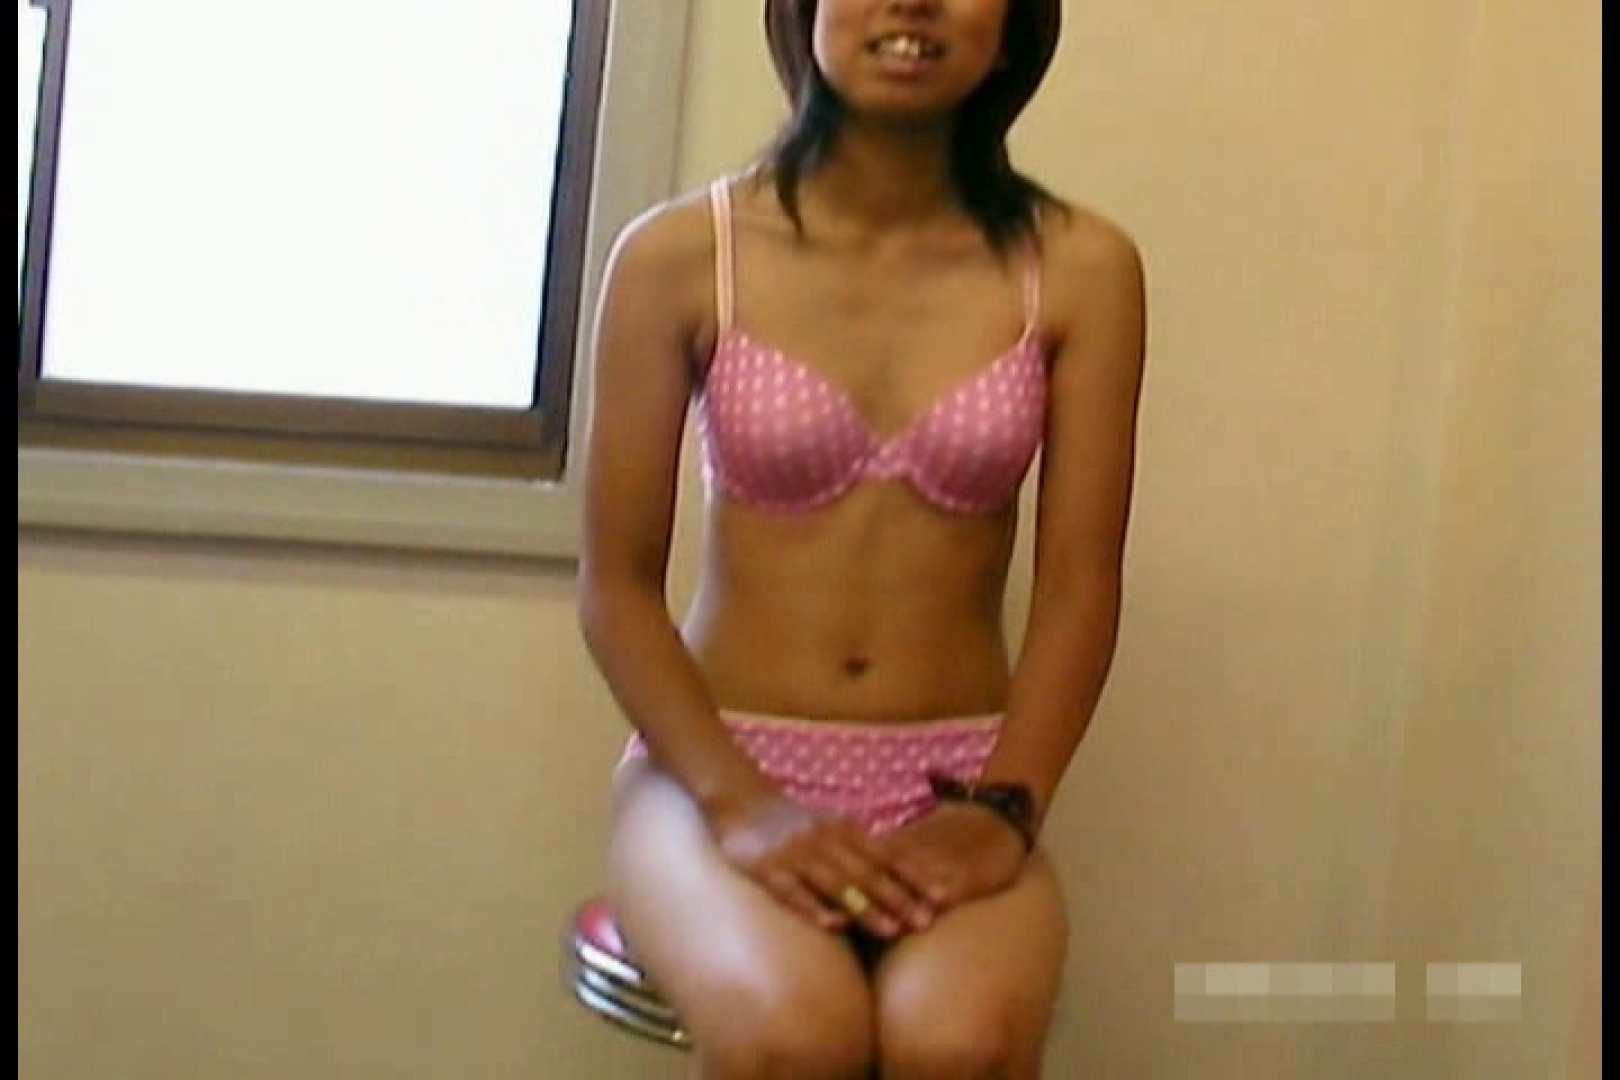 素人撮影 下着だけの撮影のはずが・・・エミちゃん18歳 マンコ映像 ワレメ動画紹介 105連発 29